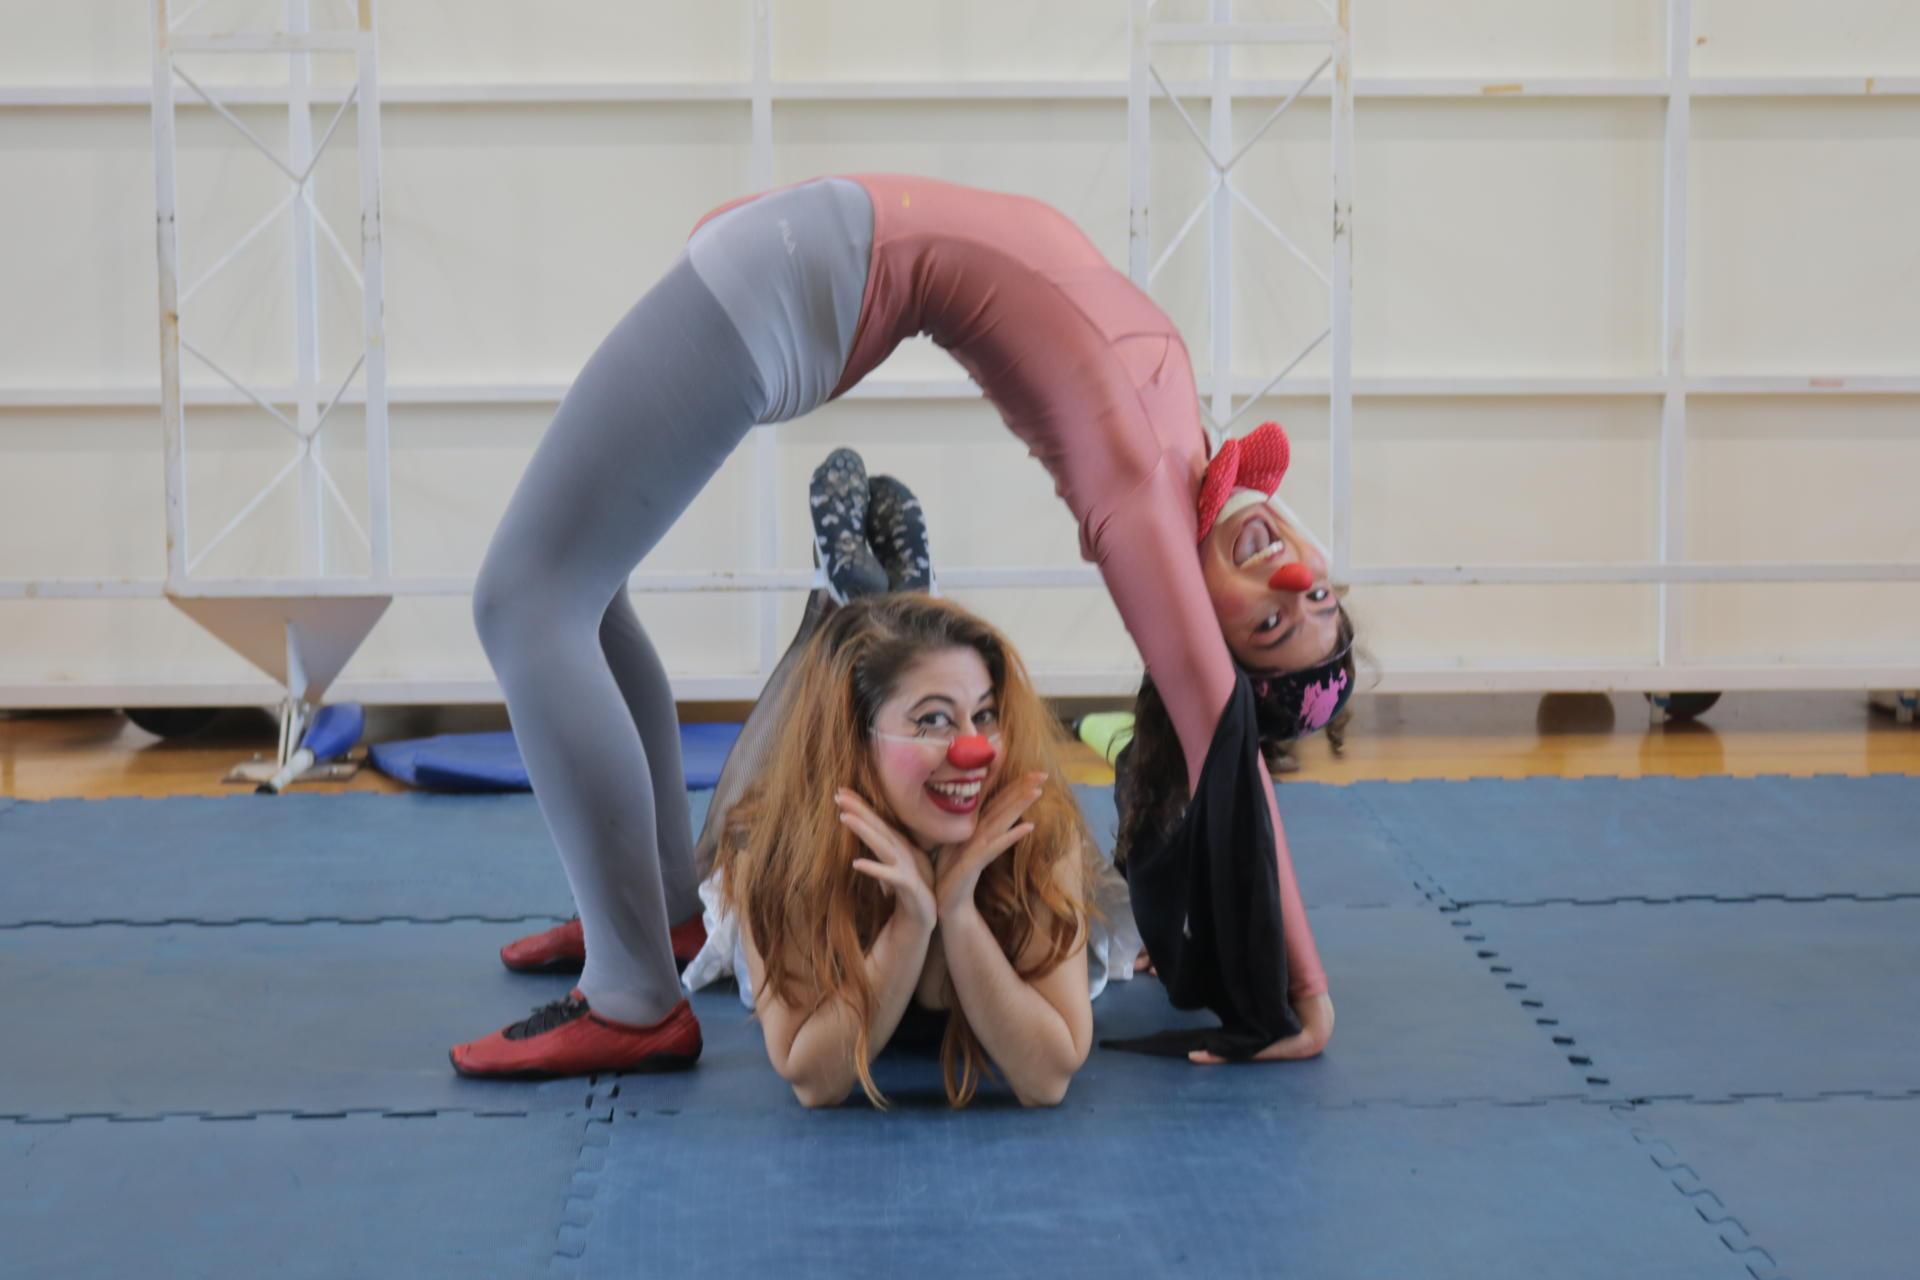 Foto colorida horizontal com duas mulheres com o rosto pintado de palhaço fazendo acrobacias. Uma deitada, as mãos seguram o queixo, e a outra faz um semicírculo sobre ela